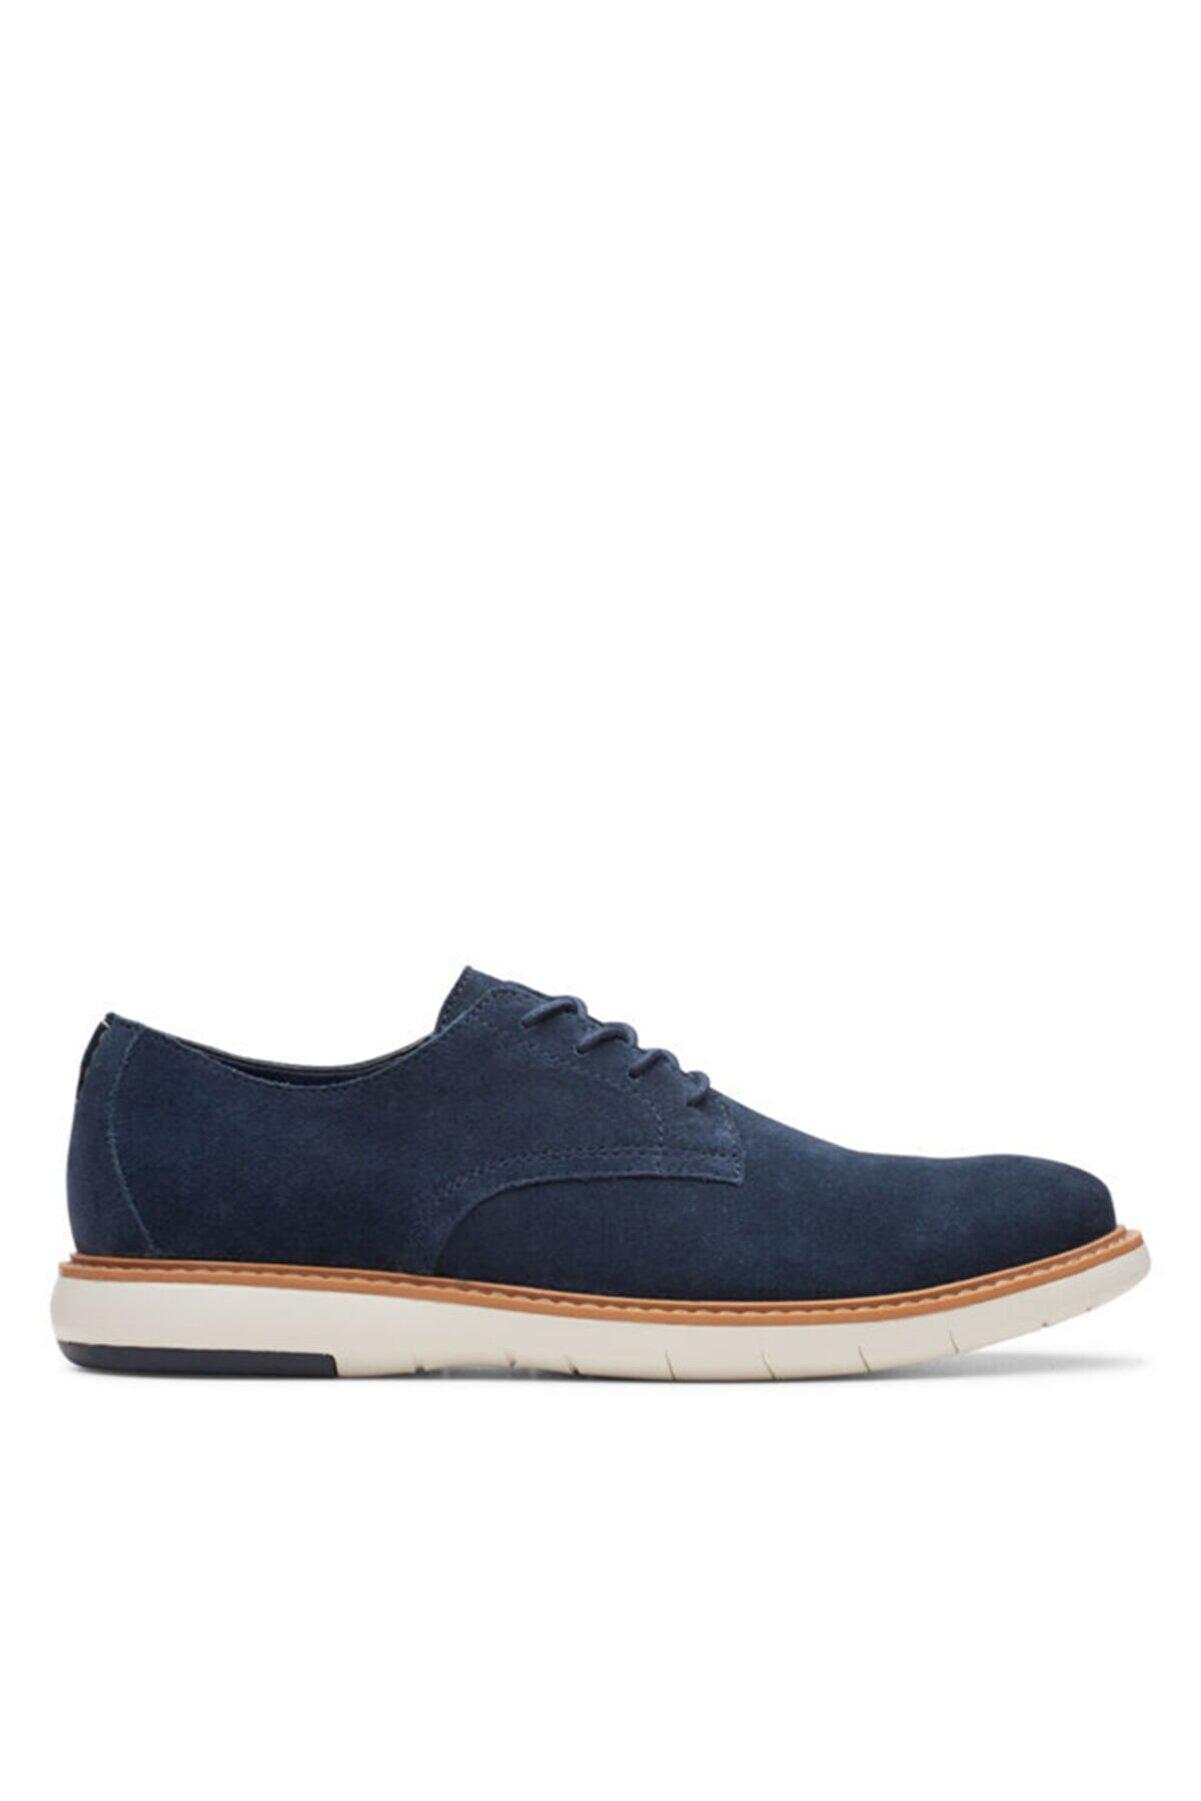 CLARKS Erkek Lacivert Ayakkabı